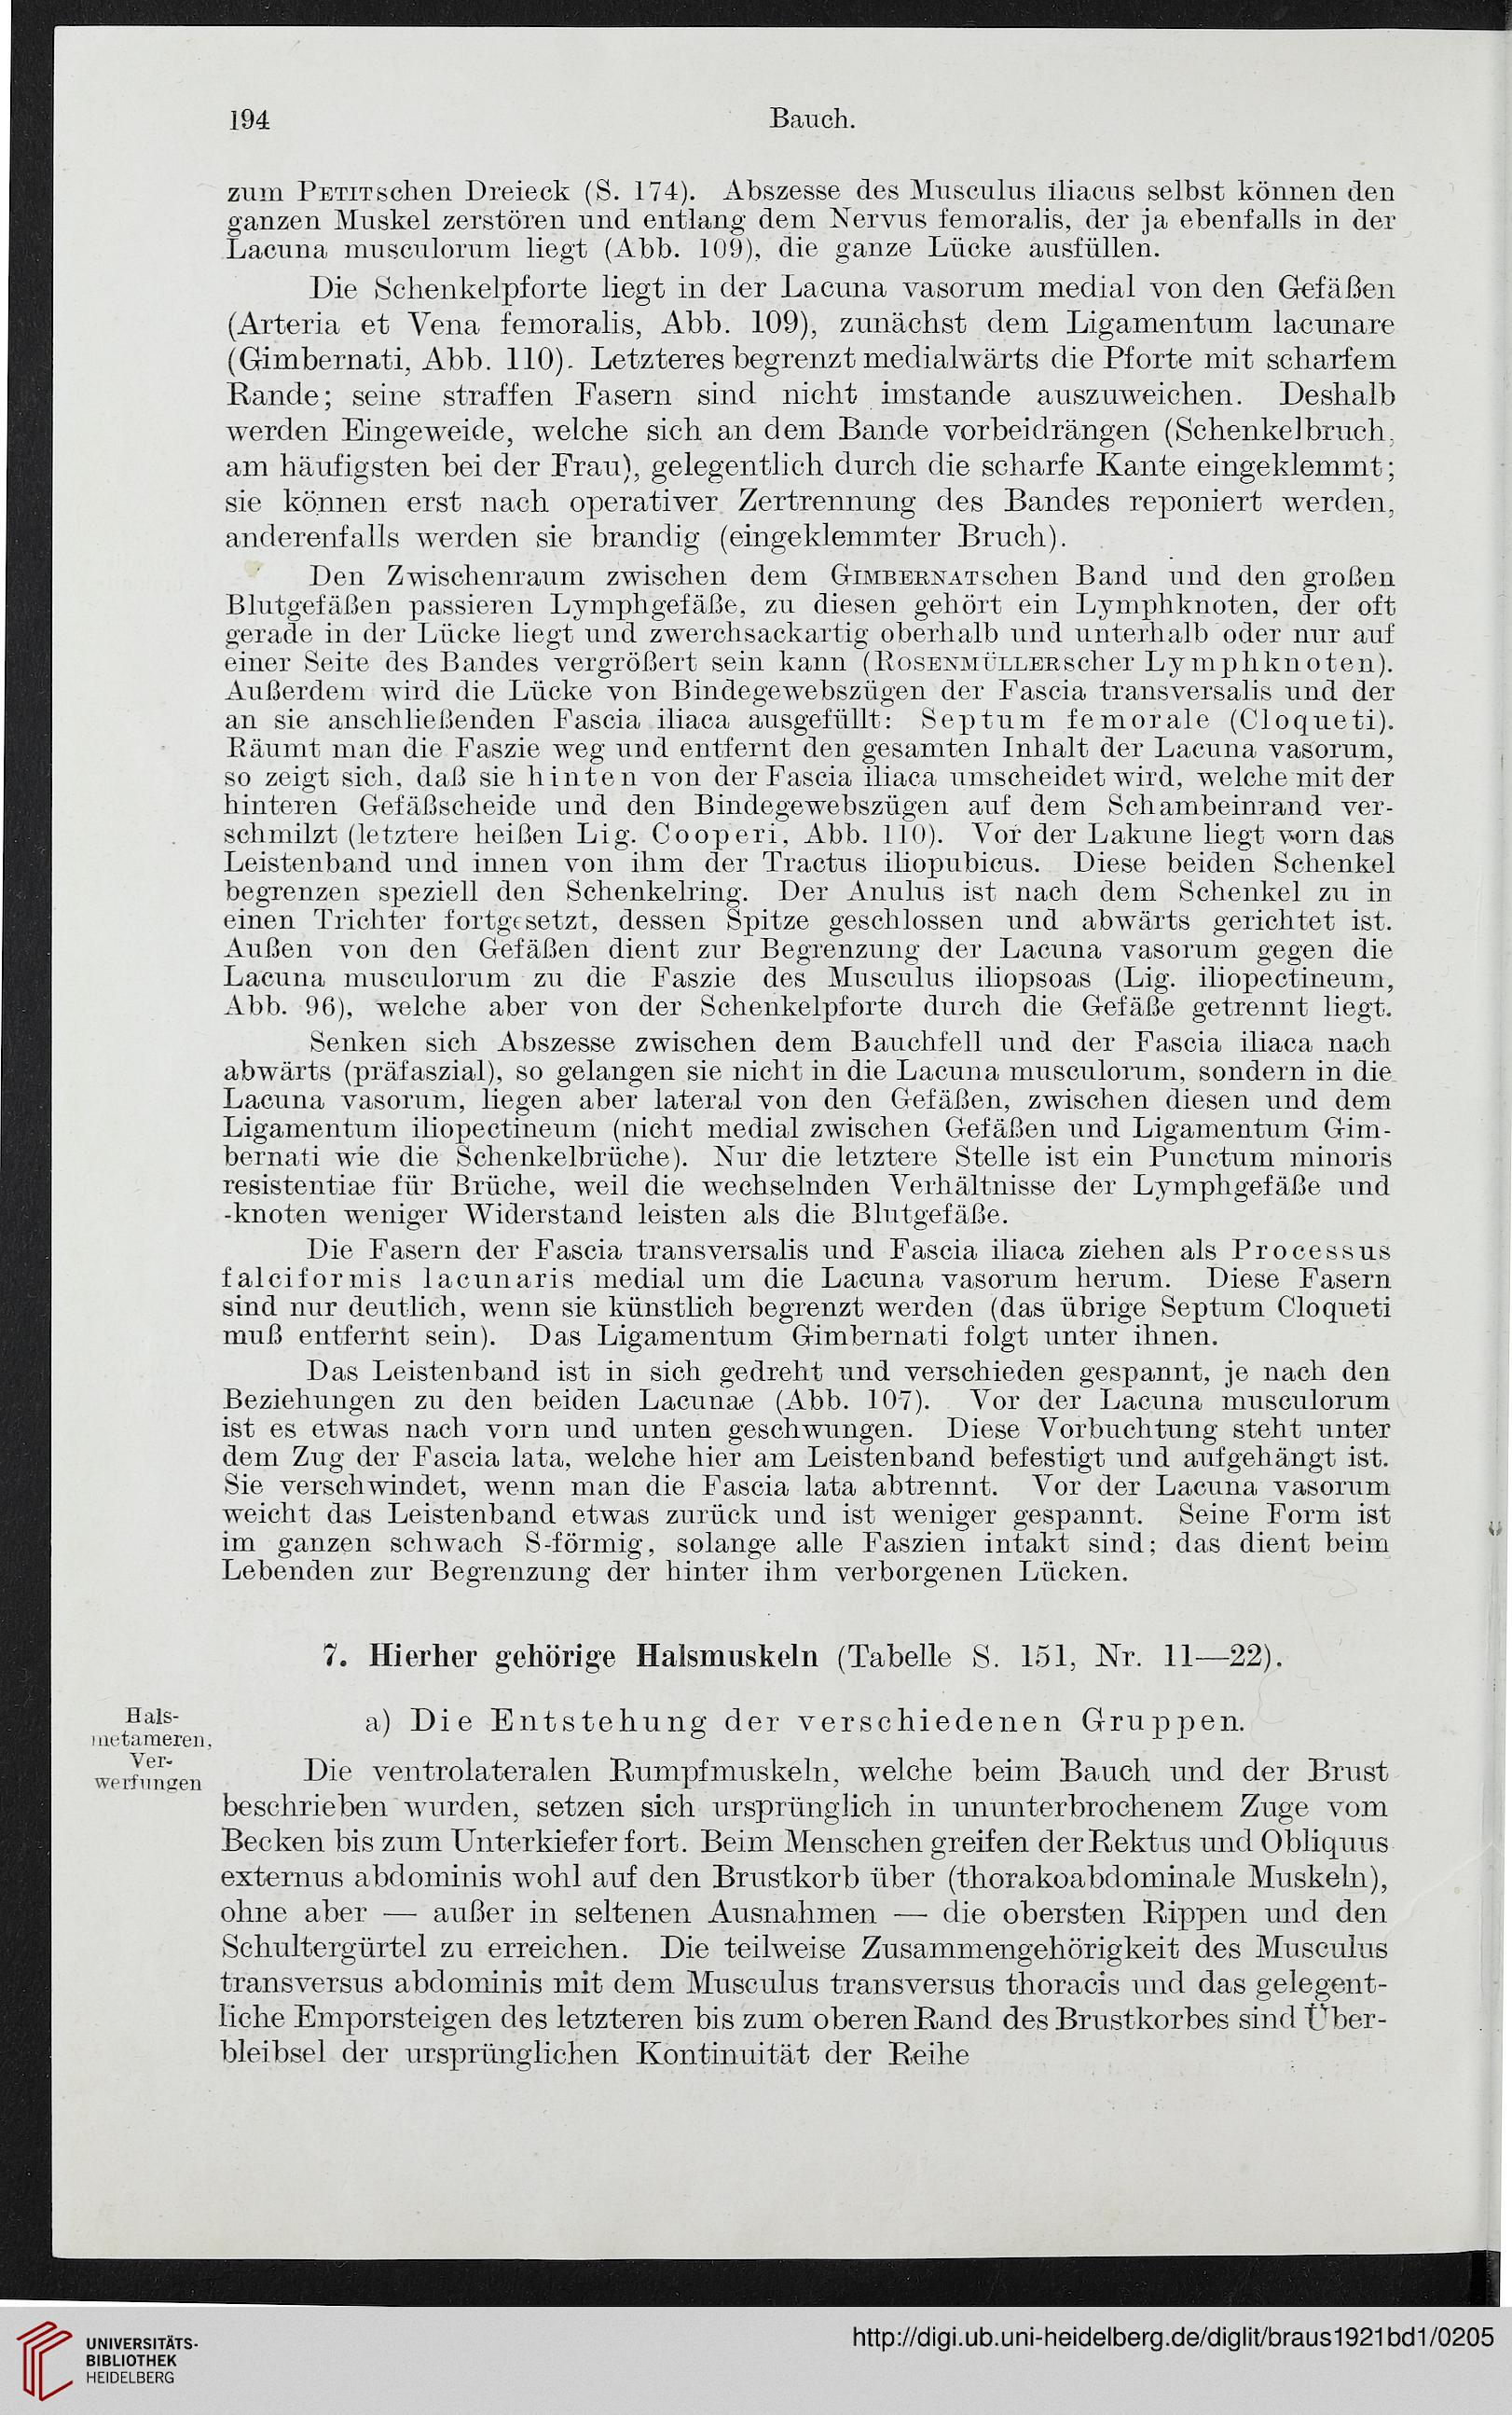 Beste Anatomie Des Gefäßpflanzen Bilder - Anatomie Ideen - finotti.info